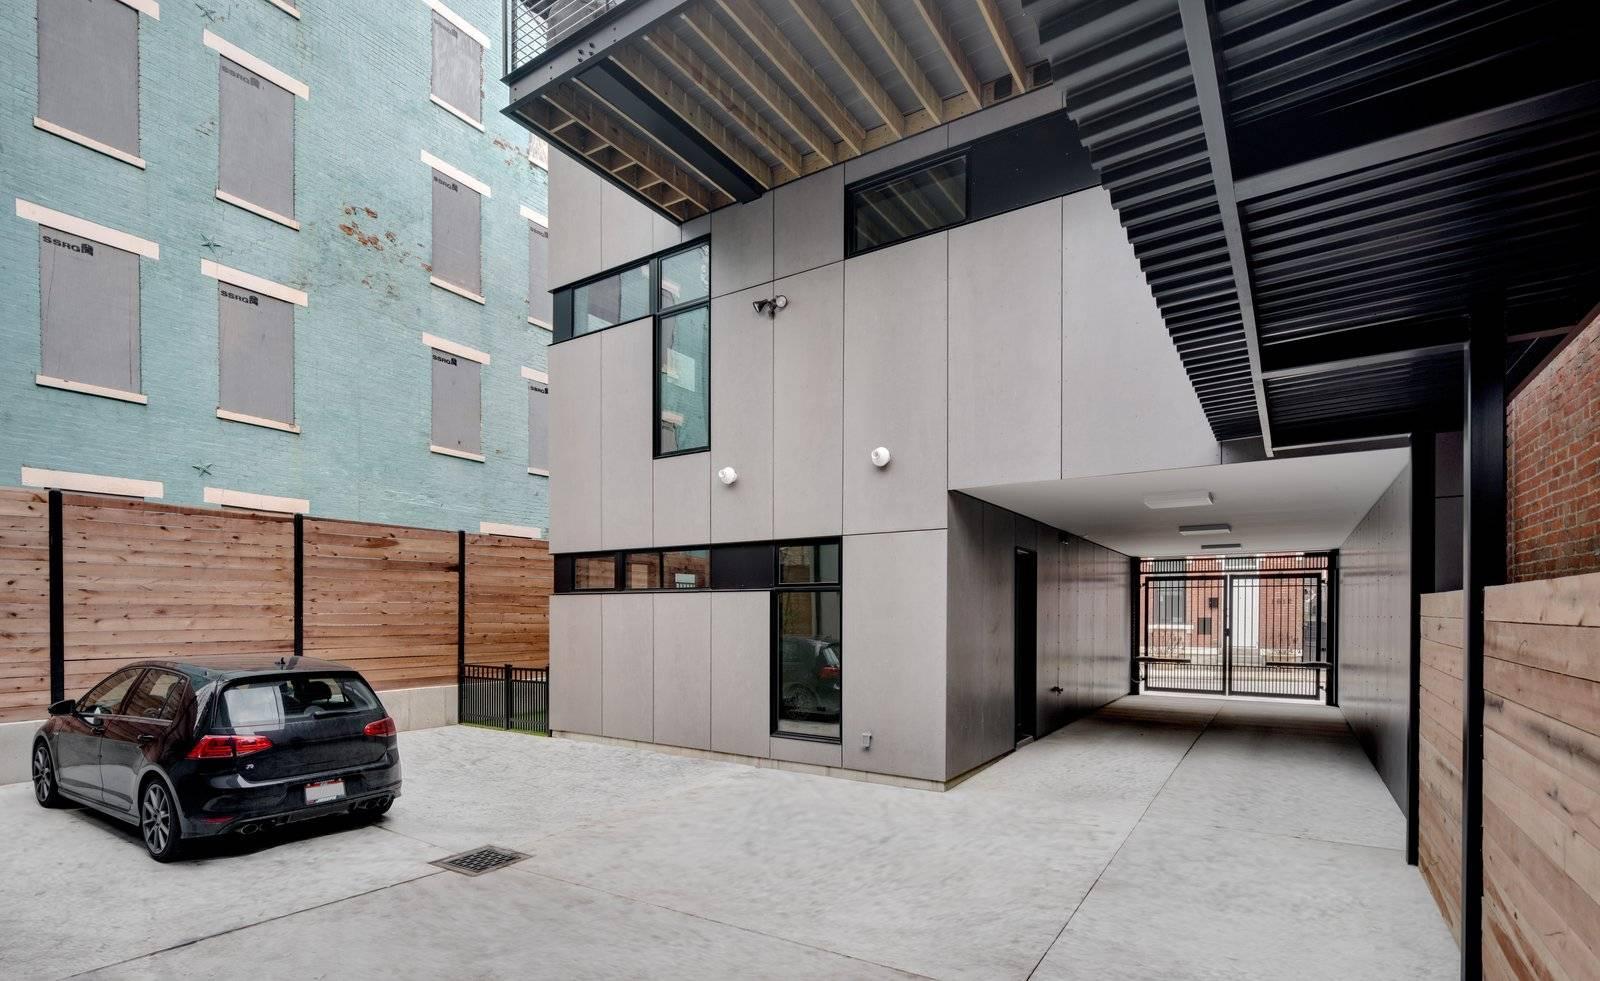 辛辛那提三层住宅   简洁利落的黑白艺术   设计赏析